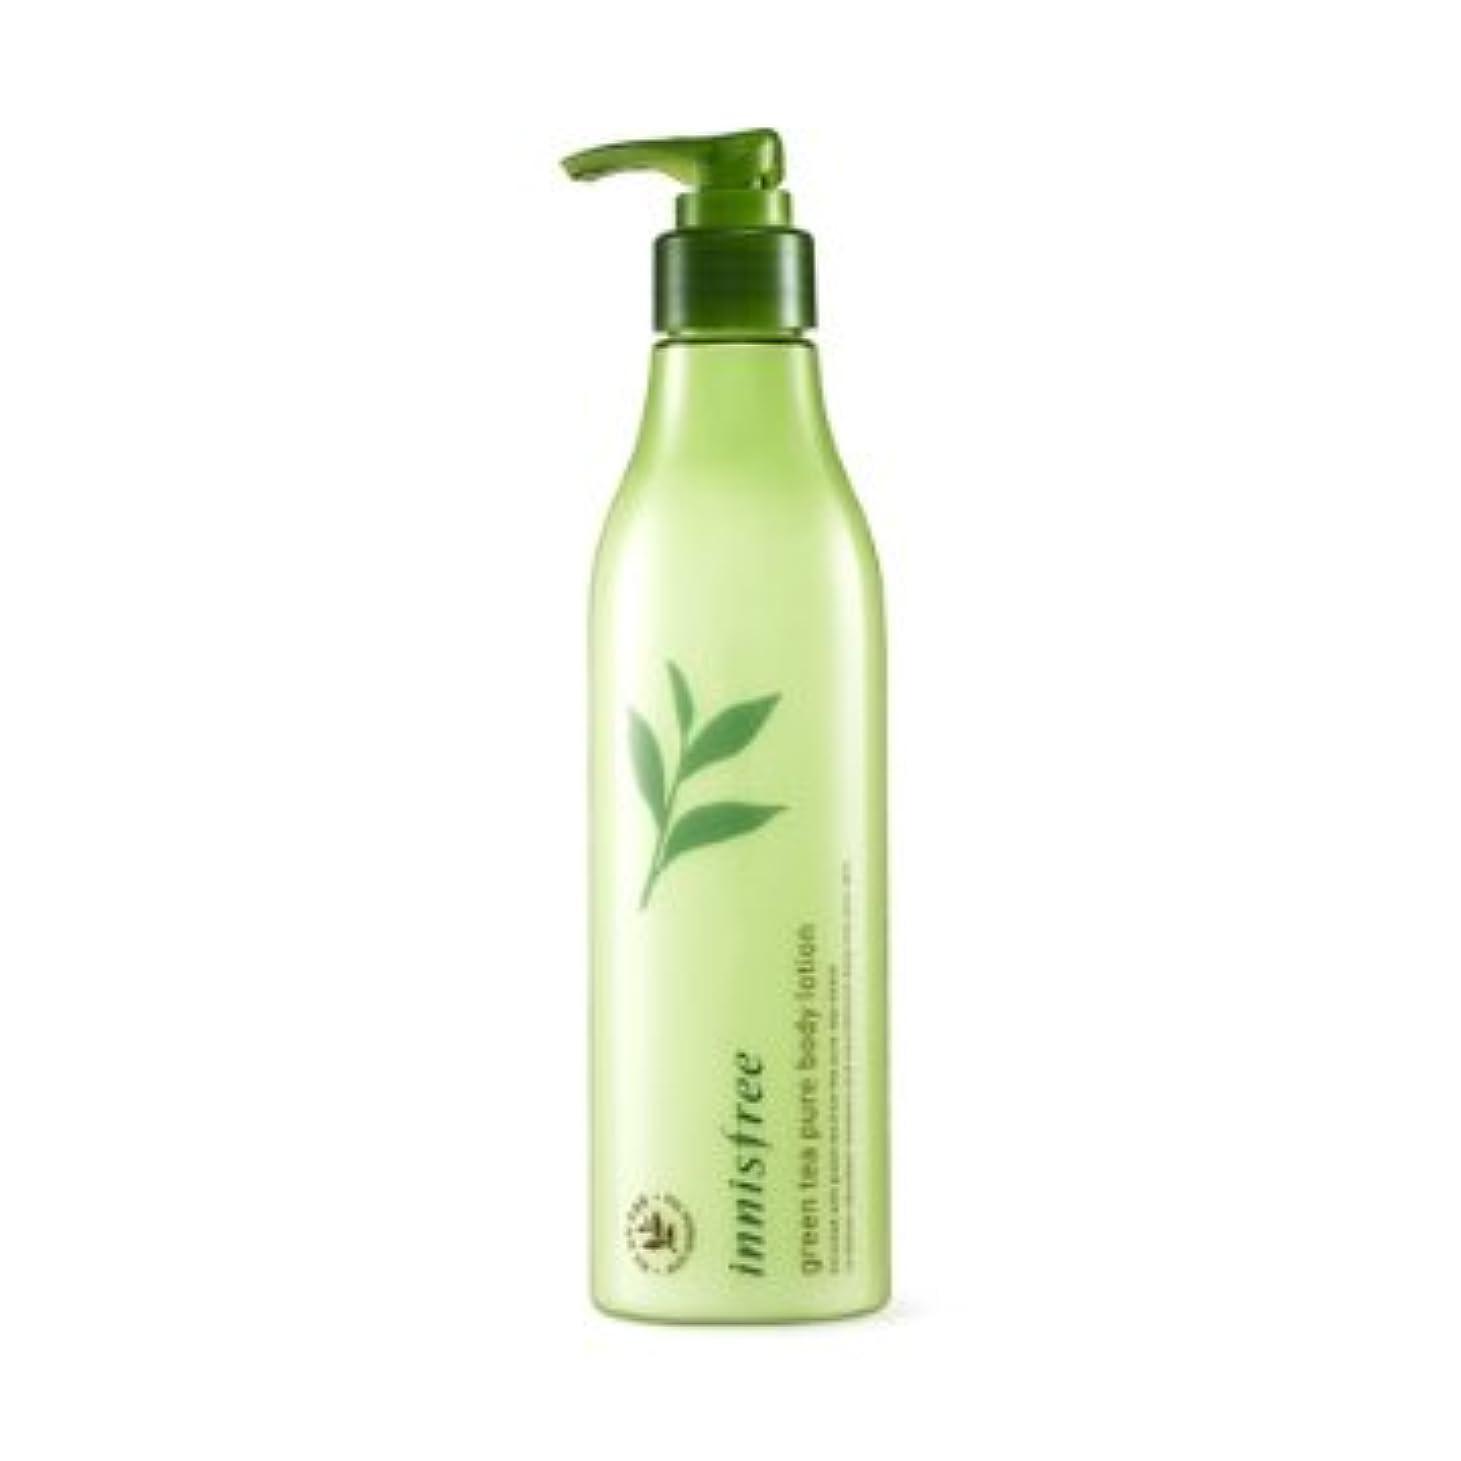 警報受け入れるフィード【イニスフリー】Innisfree green tea pure body lotion - 300ml (韓国直送品) (SHOPPINGINSTAGRAM)